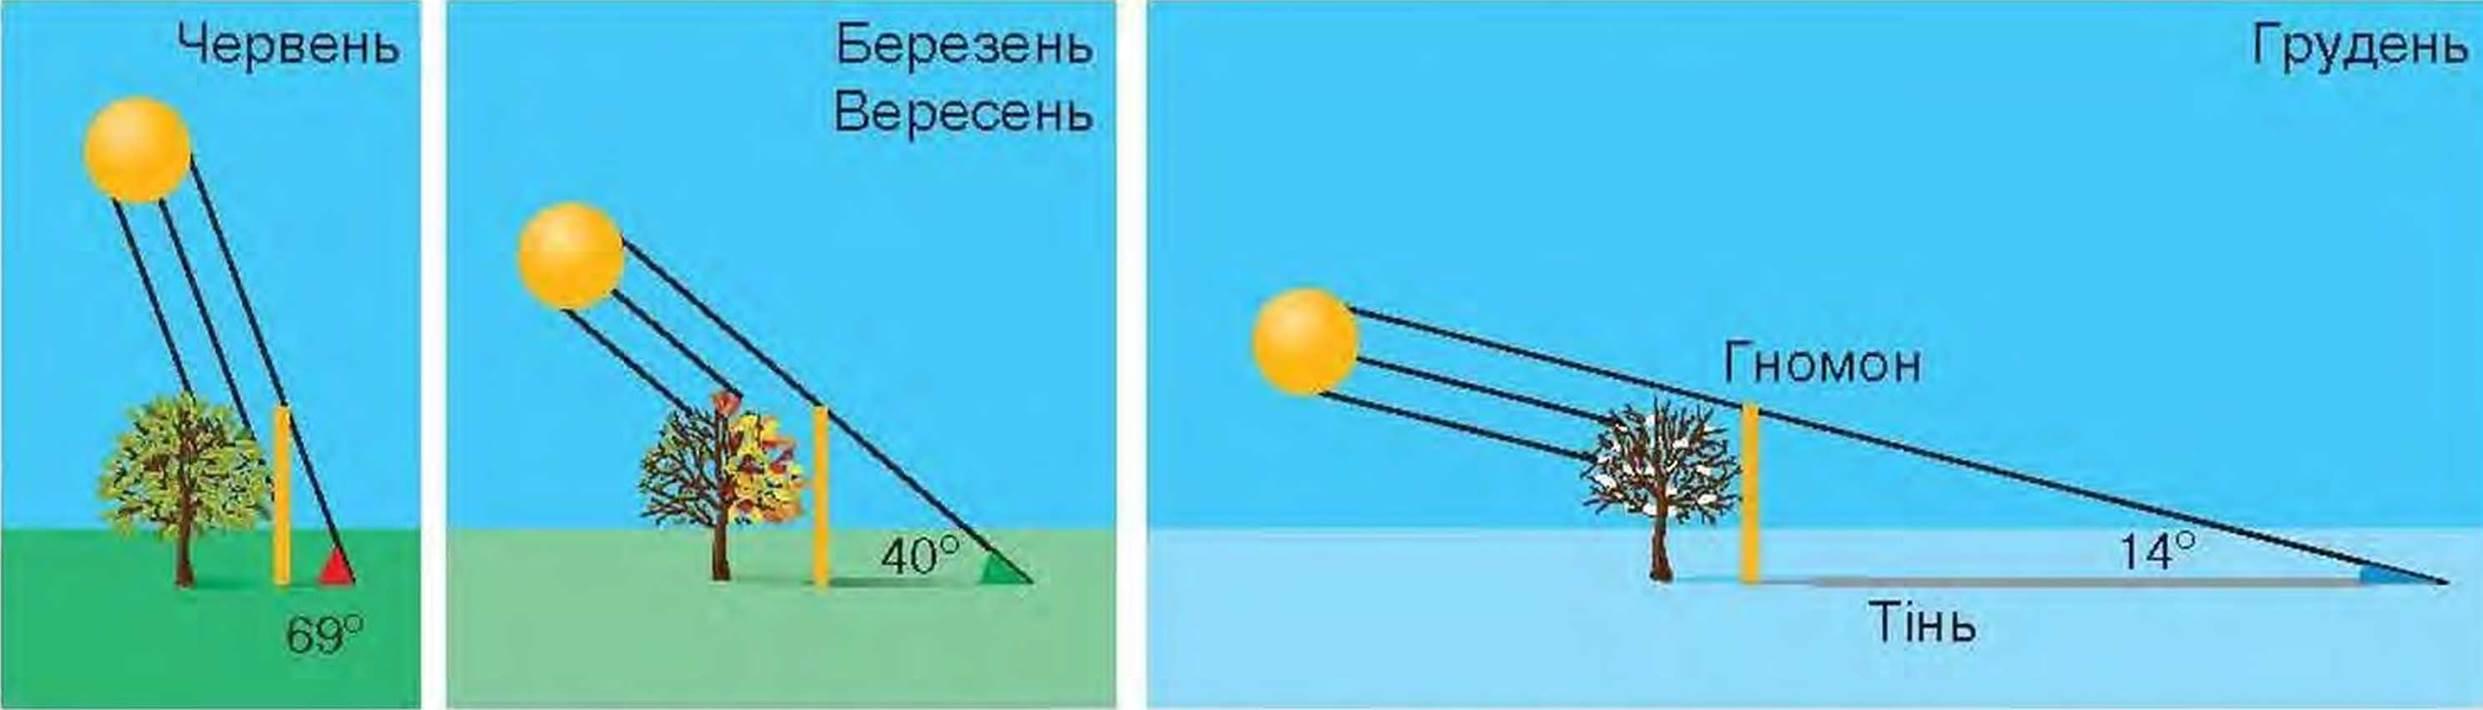 Фото сонце опівдні 12 фотография